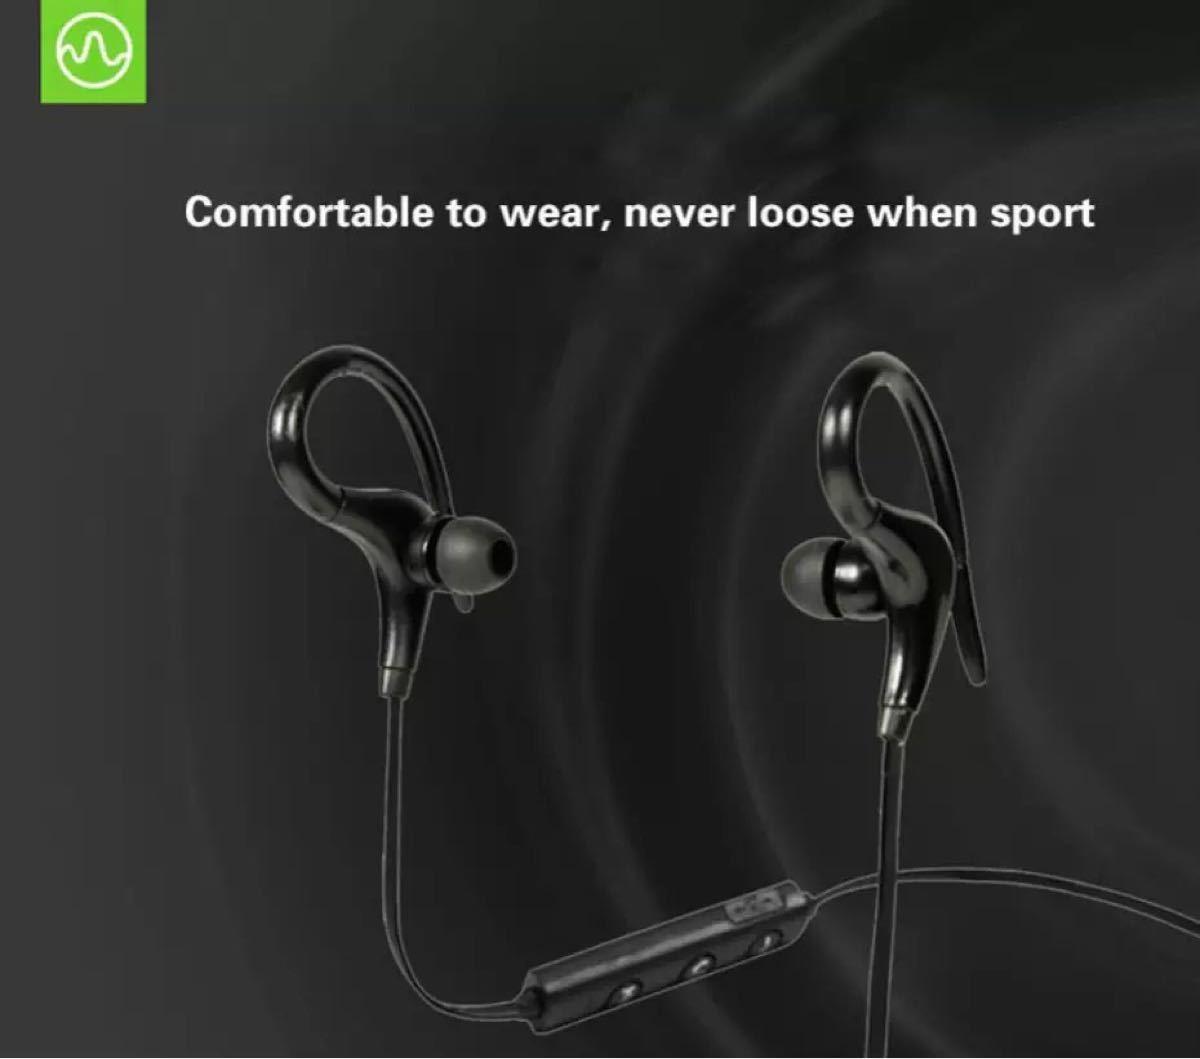 Bluetooth スポーツ ワイヤレスイヤホン 耳かけ 赤 ランニング ハンズフリー